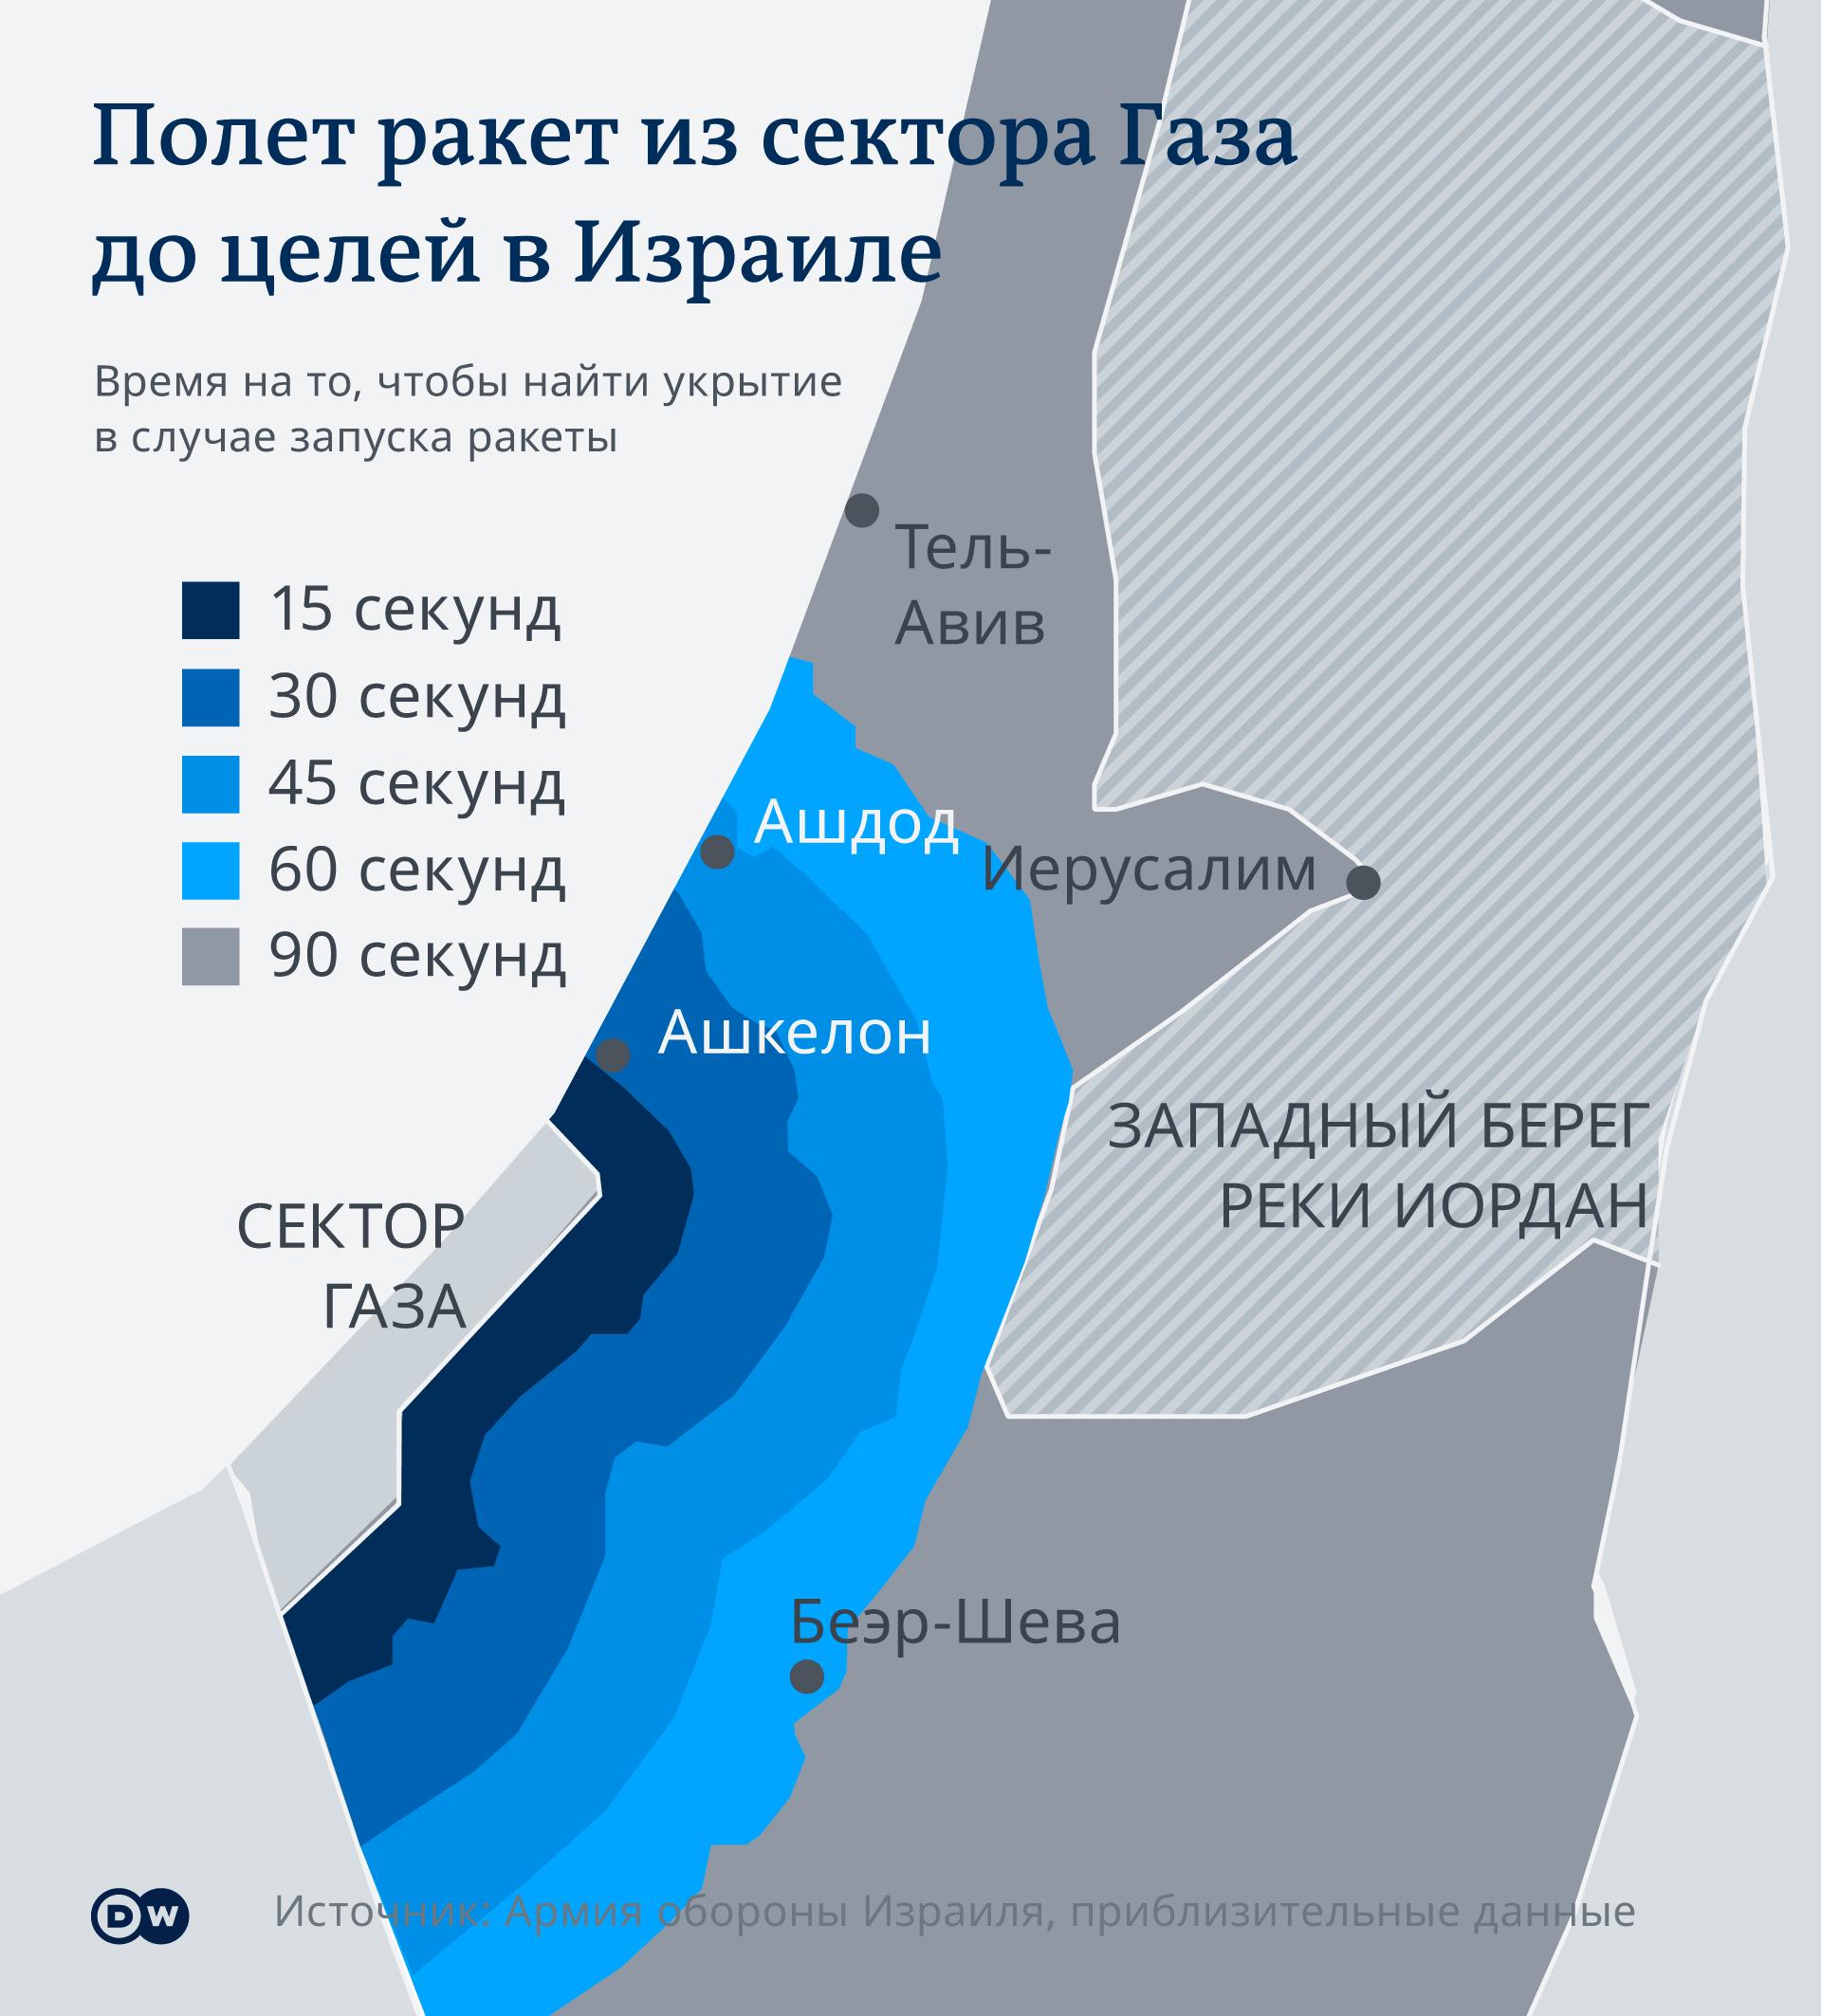 Полет ракет из сектора Газа до целей в Израиле (инфографика)